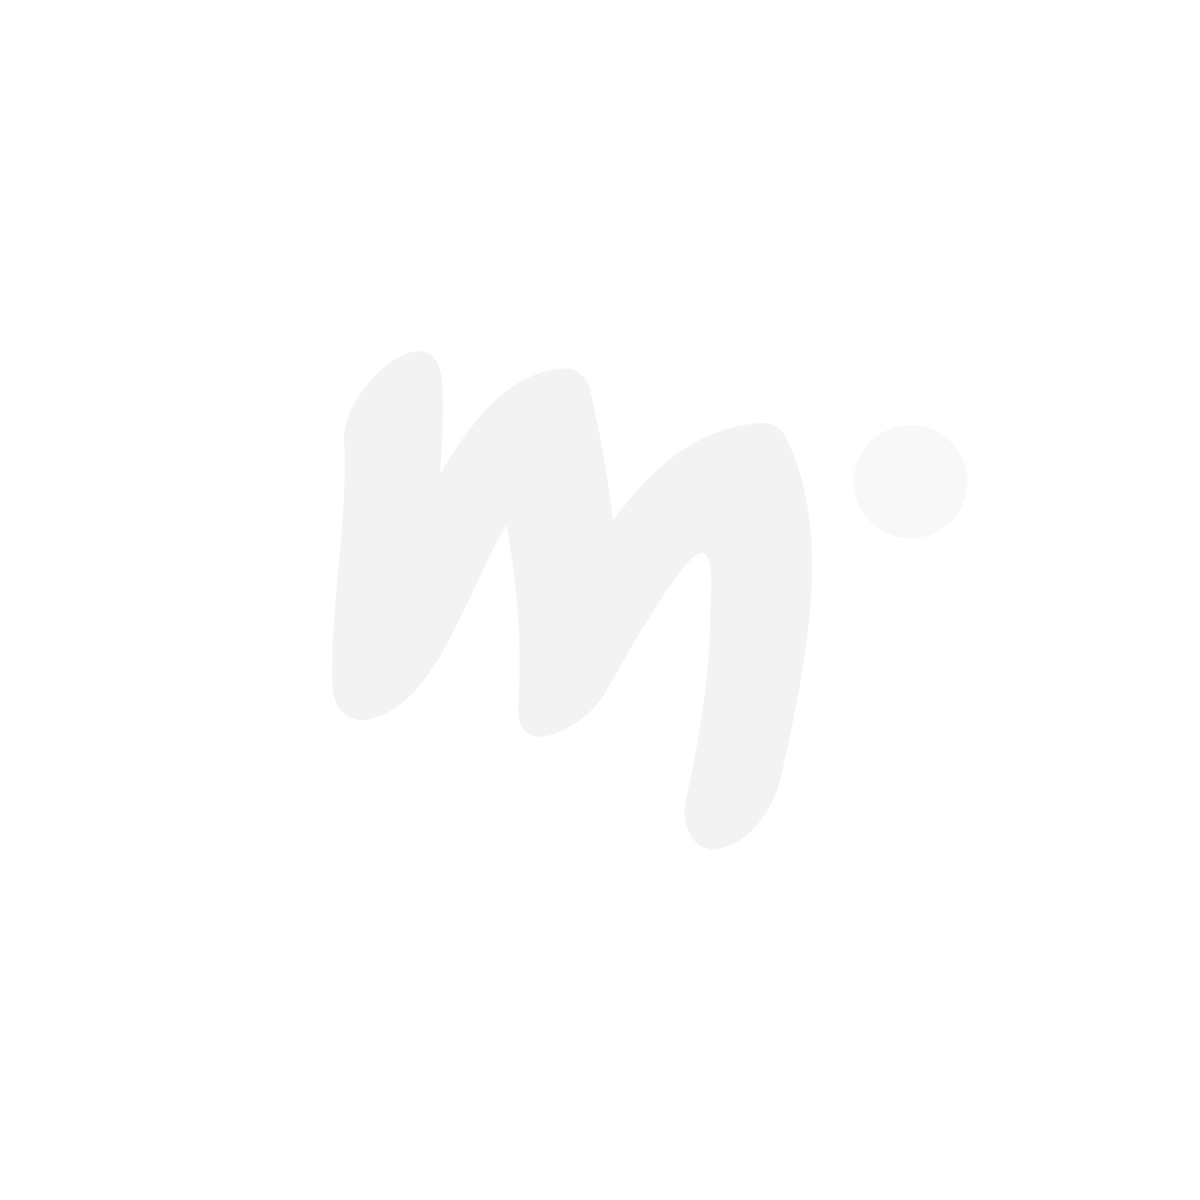 Moomin Pen Stroke Shirt off-white